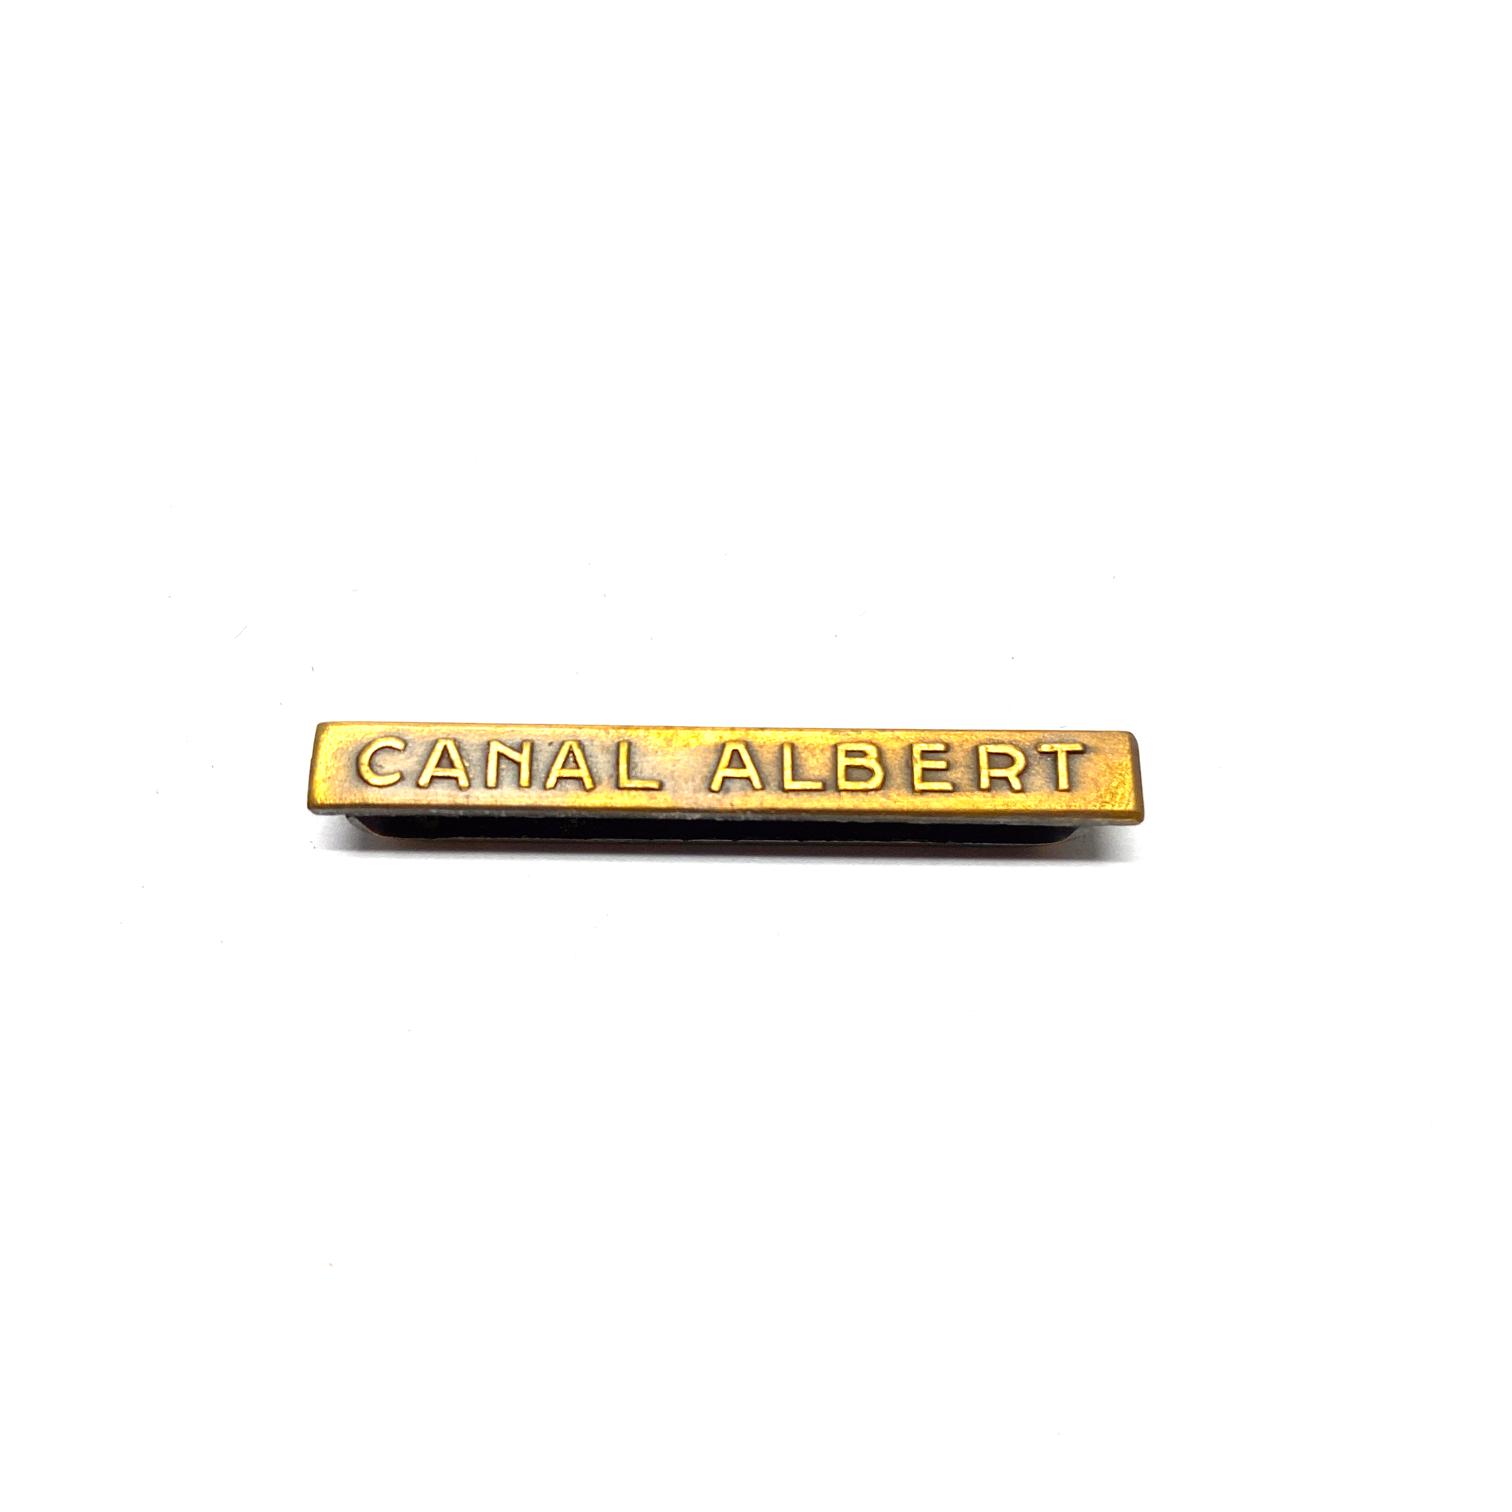 Bar Canal Albert for war medals